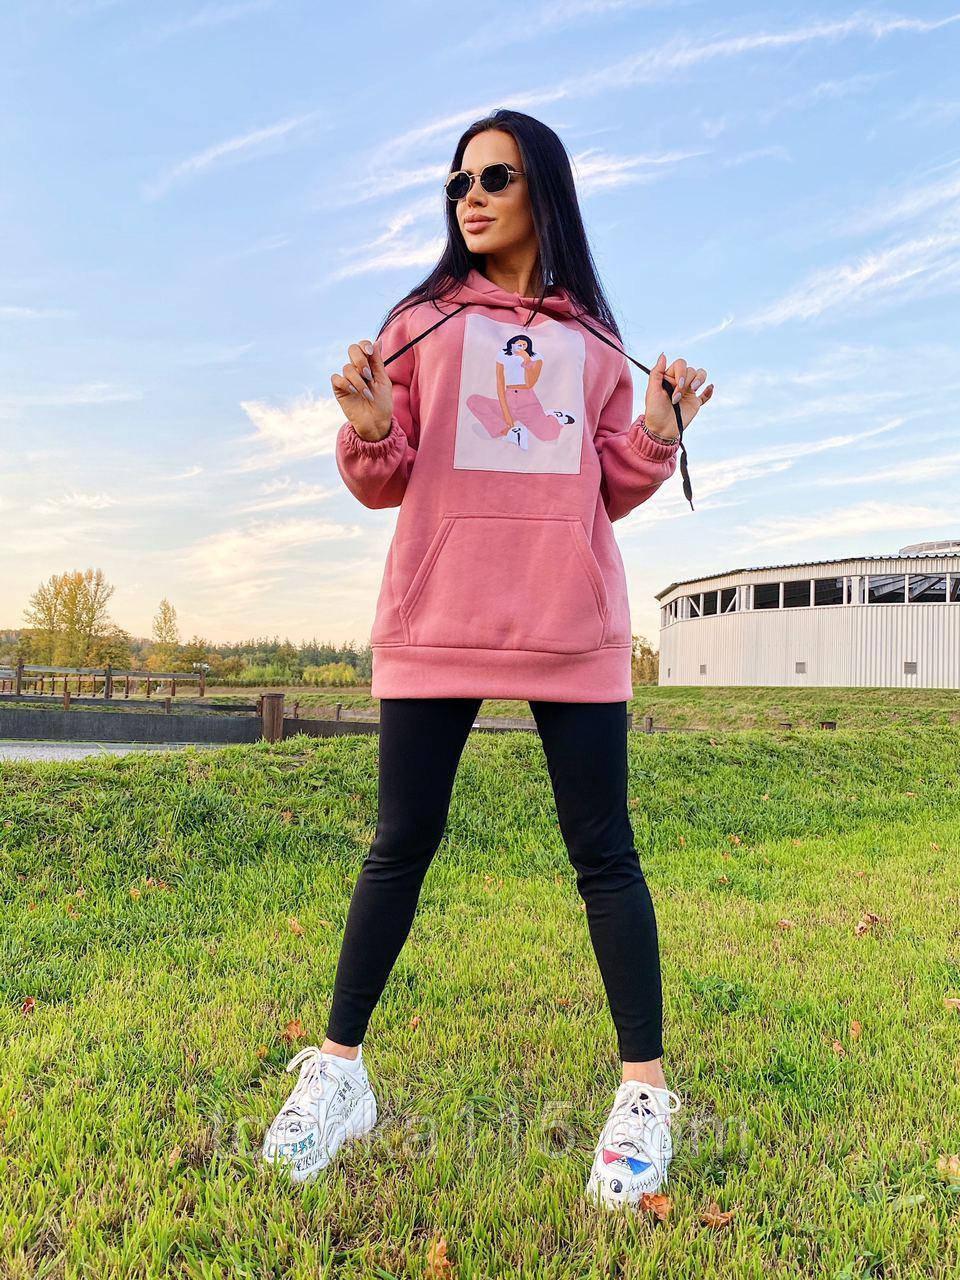 Тепле стильне жіноче худі, фліс, 42-44, 46-48рр, колір рожевий